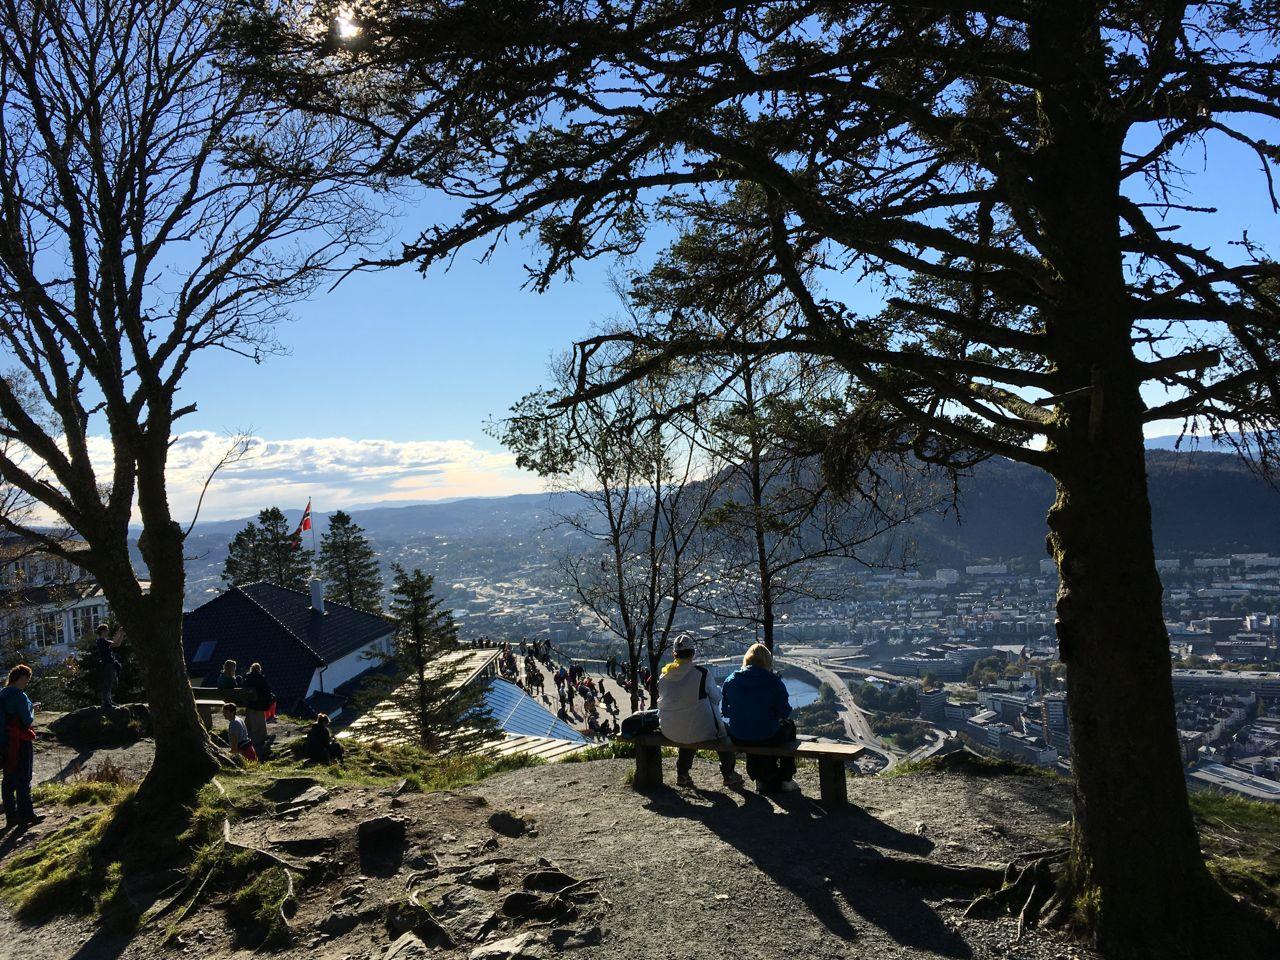 Fløyen by foot. Fløyen view - photo